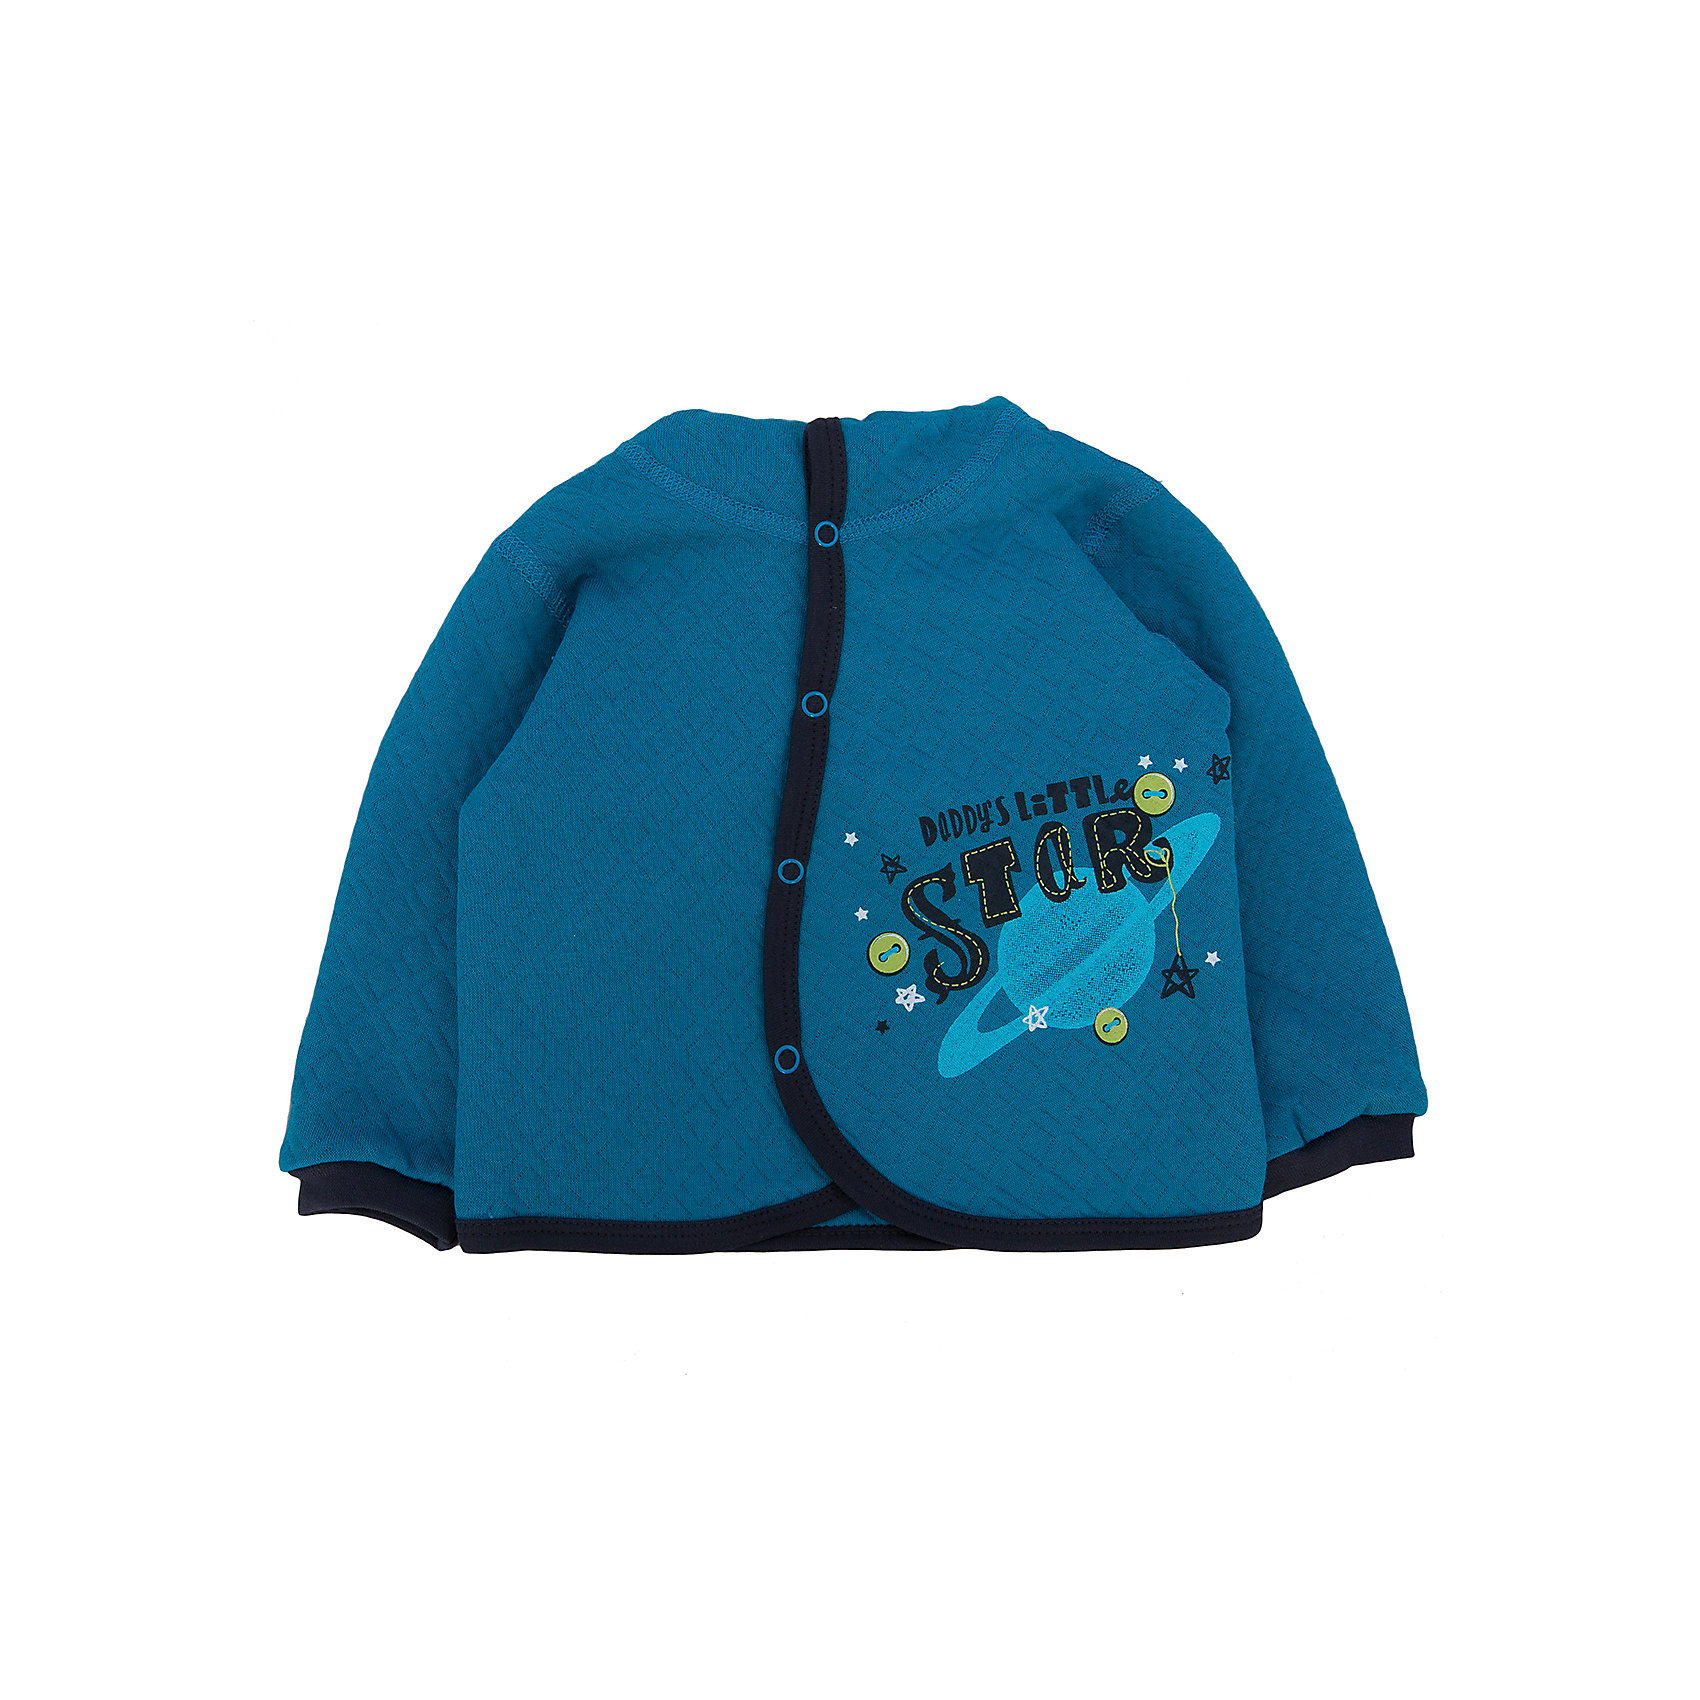 Толстовка для мальчика  АпрельТолстовки<br>Толстовка Апрель<br>Толстовка с манжетами на рукавах и капюшоном коллекции Собака в космосе от компании Апрель - идеальный вариант одежды на каждый день в прохладное время года. Куртка легко одевается и застегивается на кнопки. Изготовлена из утепленного, трехслойного трикотажного полотна с эффектом стежки в виде ромба – капитония (100% хлопок). Мягкая приятная на ощупь куртка прекрасно согреет ребенка в прохладную погоду.<br><br>Дополнительная информация:<br><br>- Цвет: темная бирюза<br>- Ткань: капитония<br>- Состав: 100% хлопок<br><br>Куртку Апрель можно купить в нашем интернет-магазине.<br><br>Ширина мм: 215<br>Глубина мм: 88<br>Высота мм: 191<br>Вес г: 336<br>Цвет: бирюзовый<br>Возраст от месяцев: 6<br>Возраст до месяцев: 9<br>Пол: Унисекс<br>Возраст: Детский<br>Размер: 74<br>SKU: 4726198